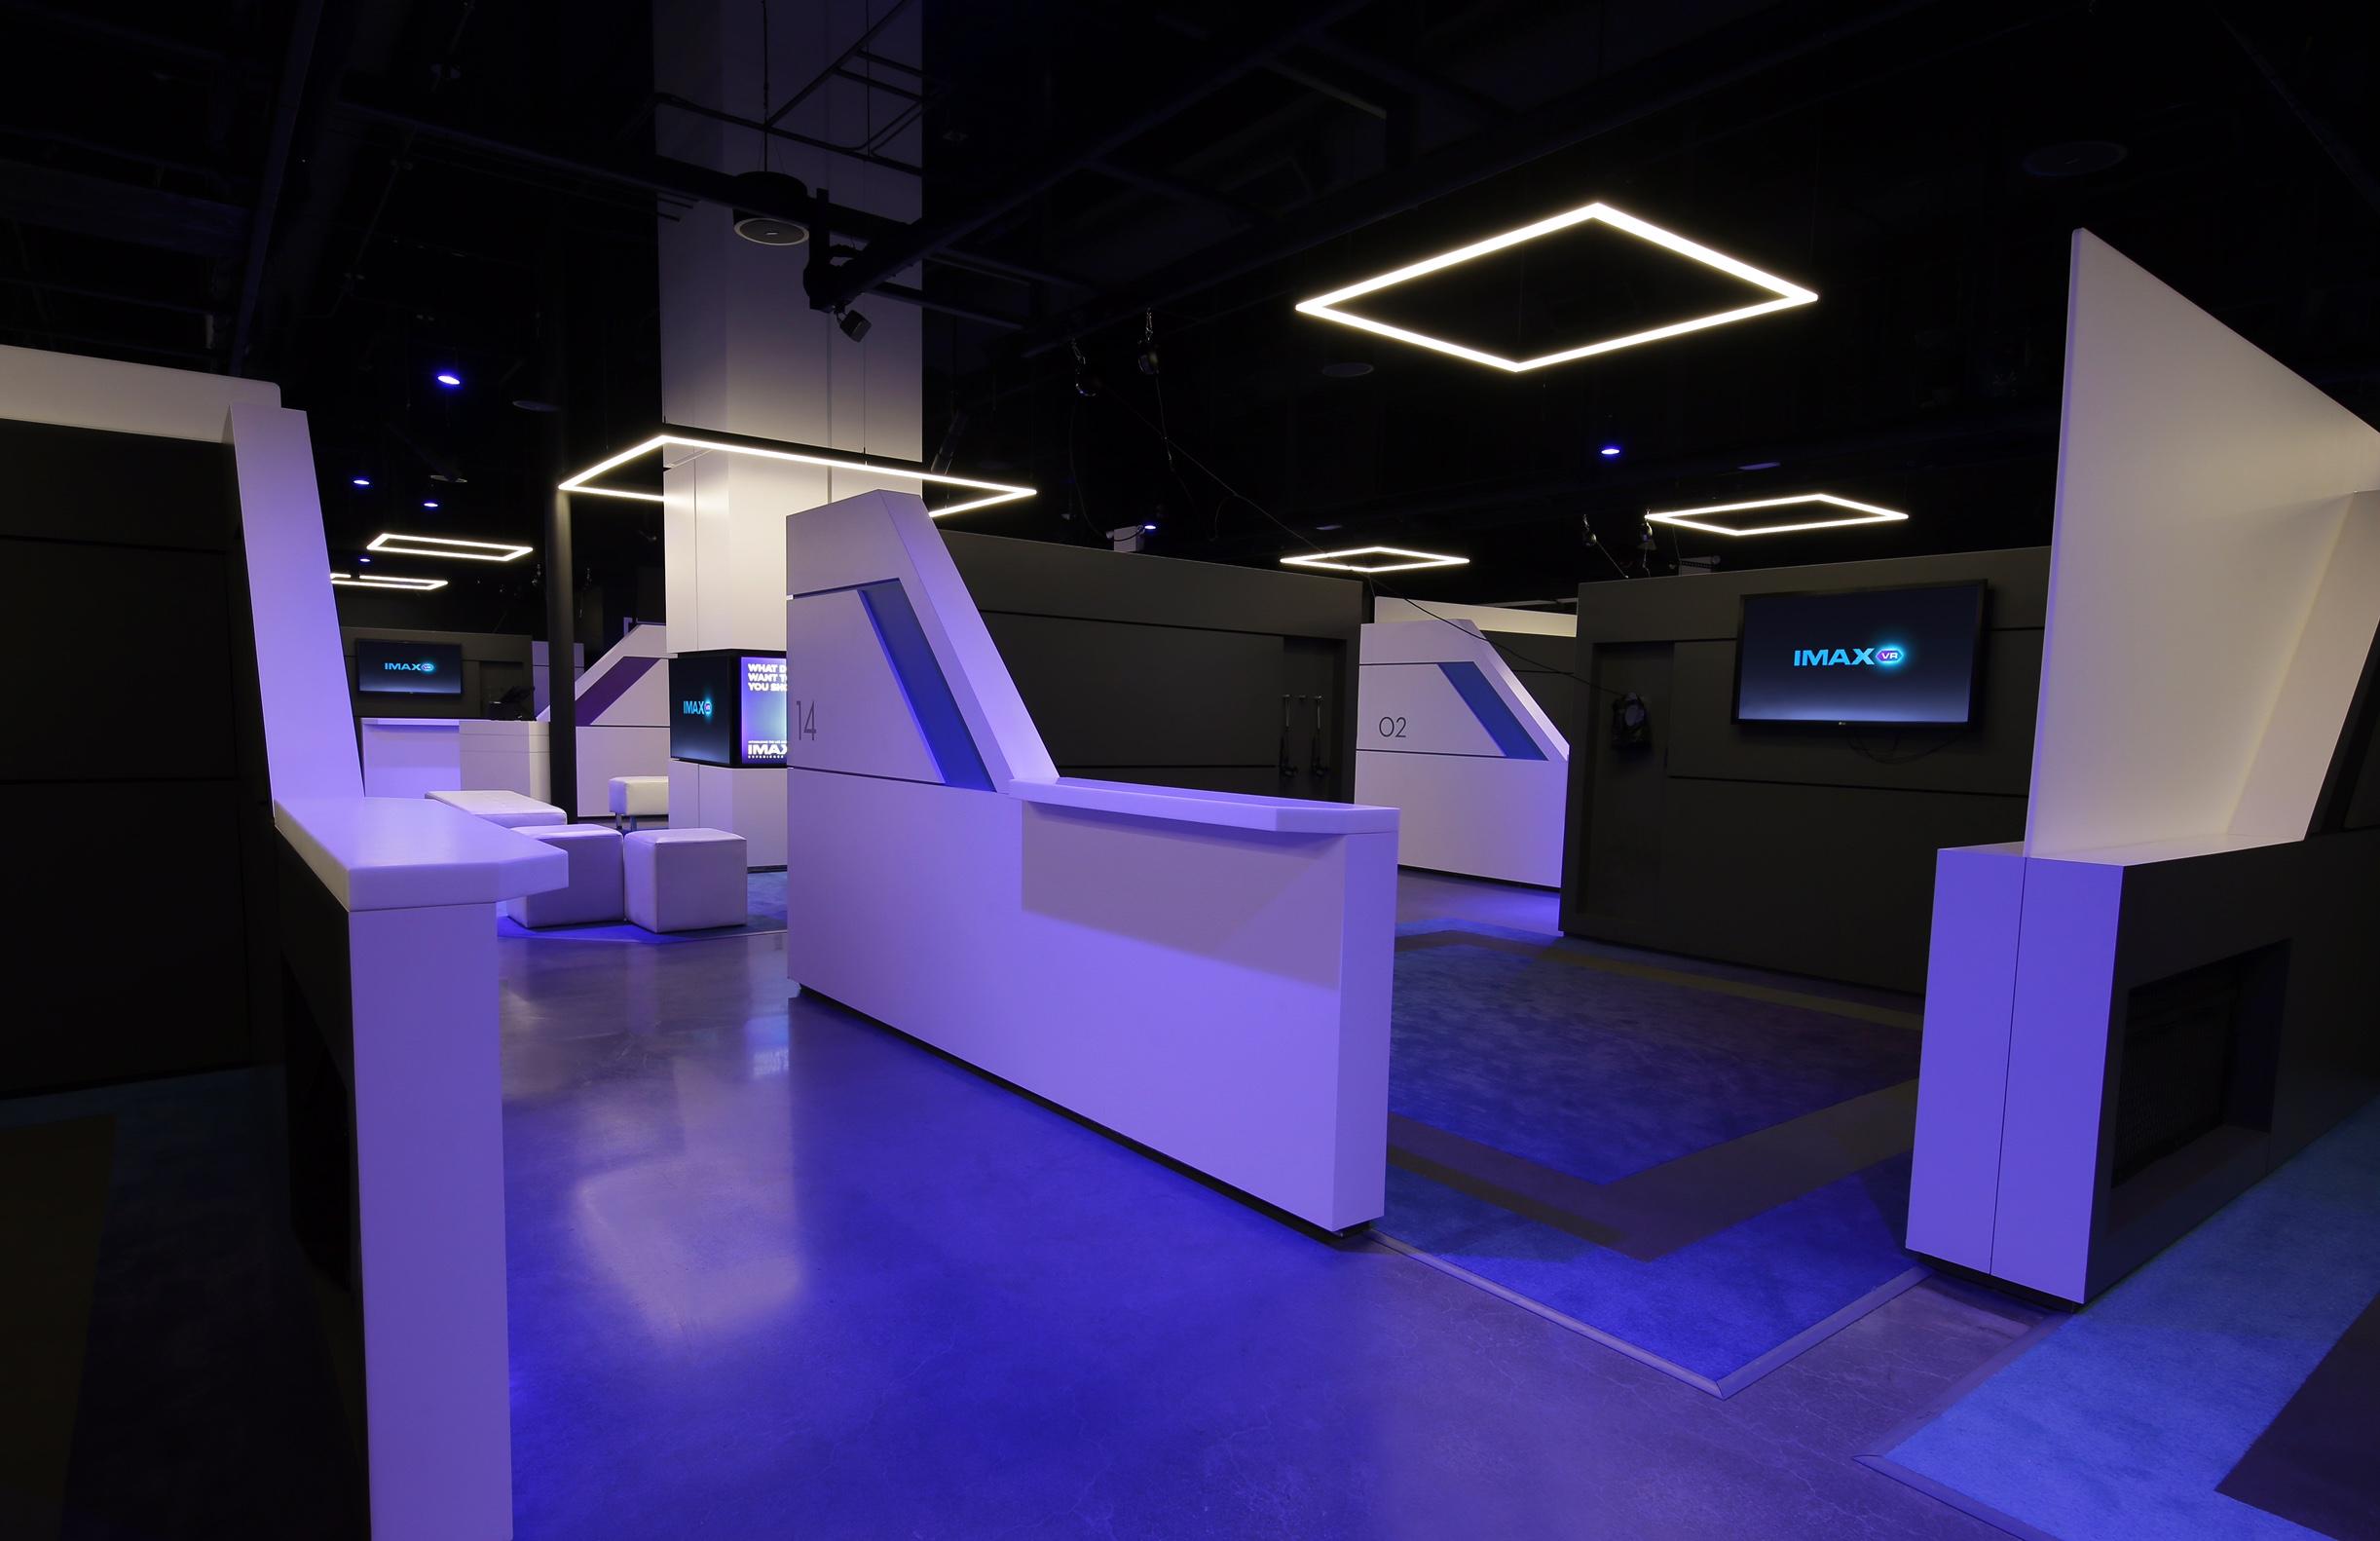 中国首个 IMAX VR 体验中心将在上海试点,玩着看电影你会去试吗?